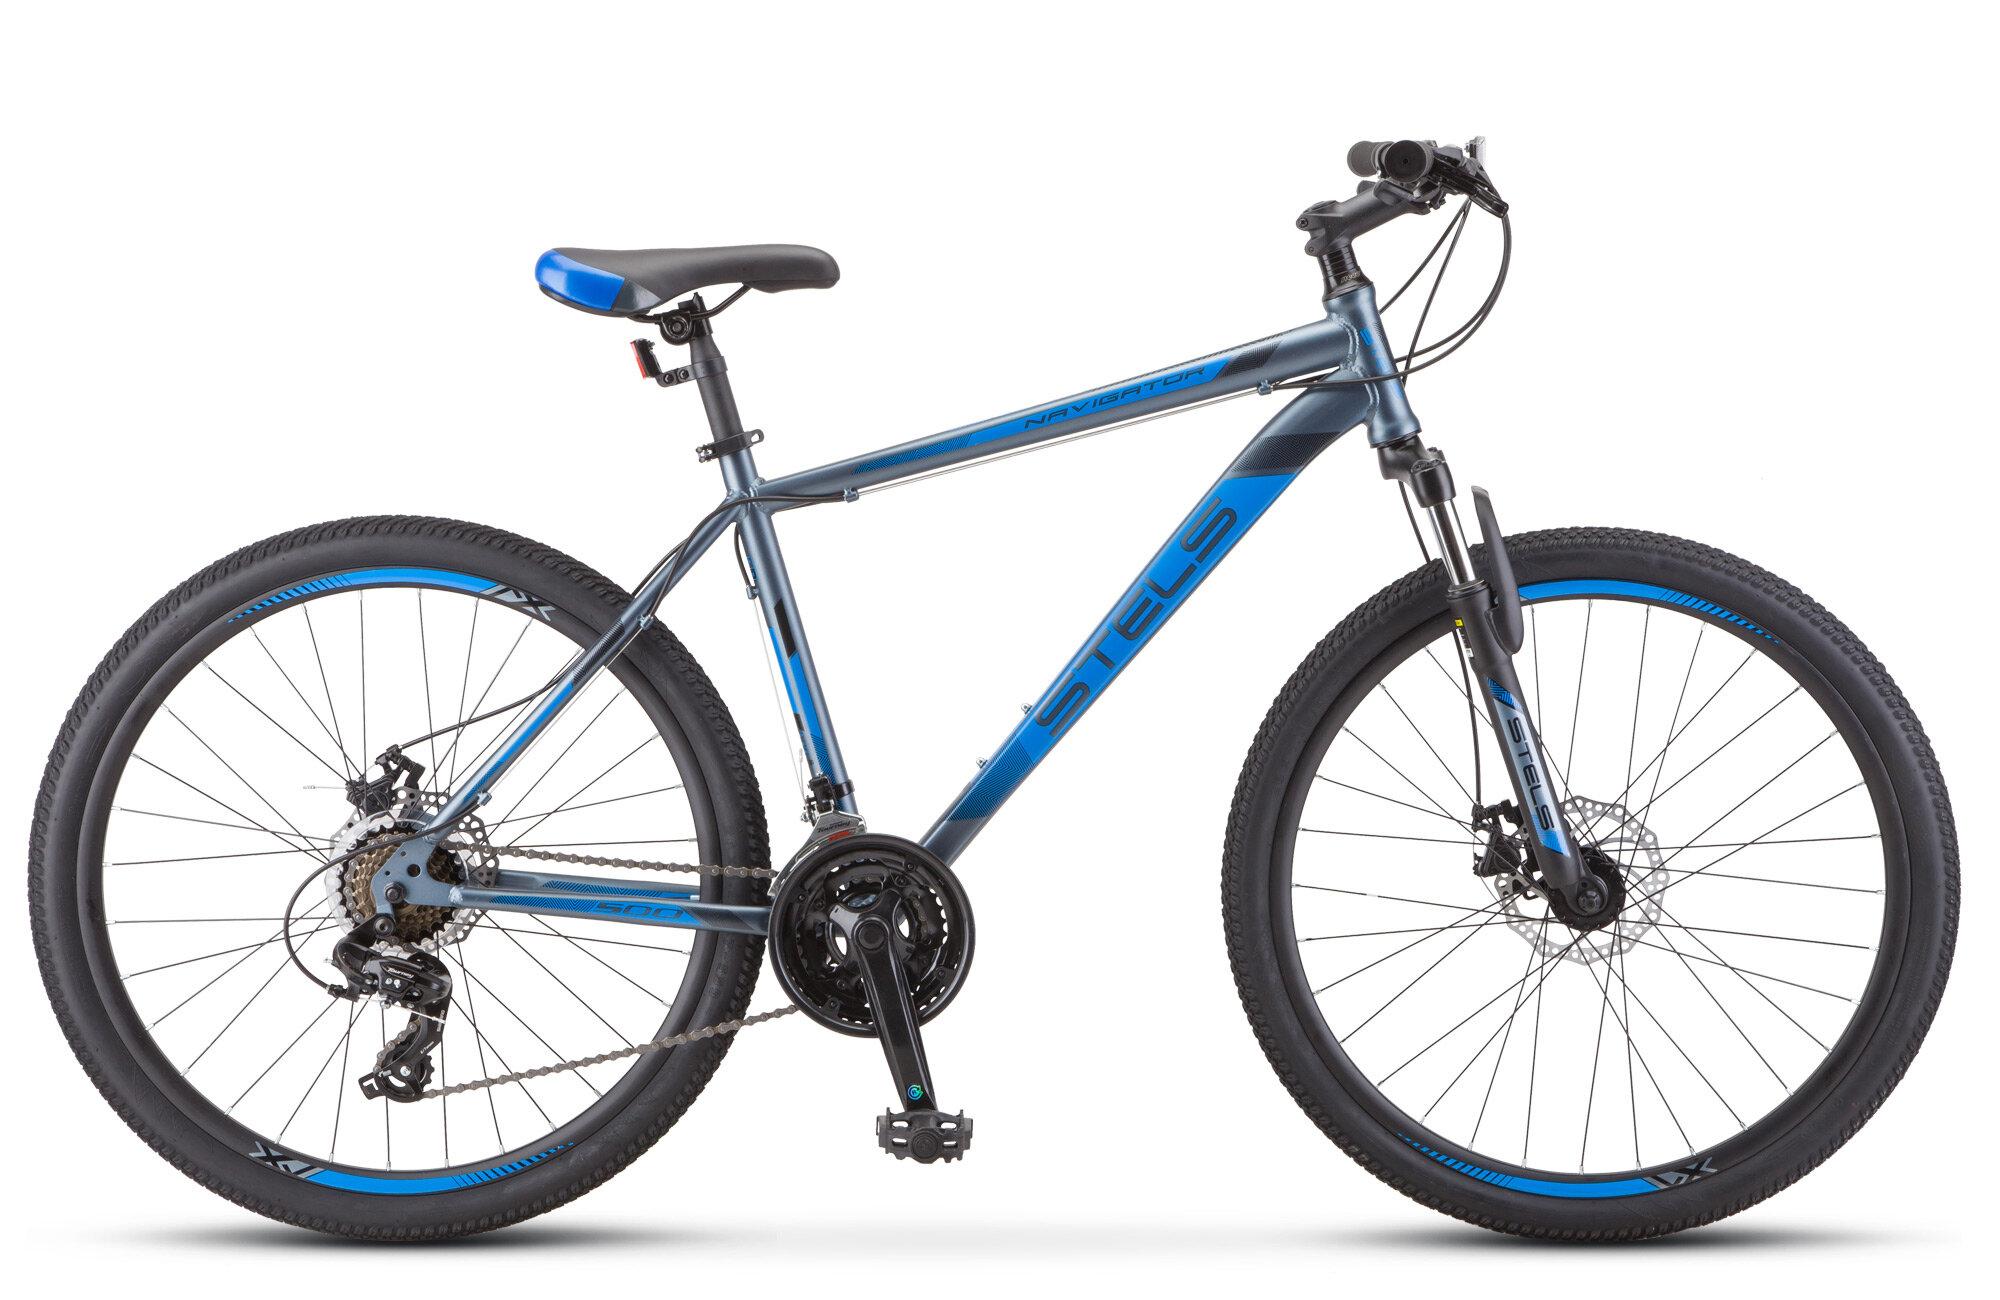 Горный (MTB) велосипед Stels Navigator 500 MD F010 26 (2019) 18 серый/синий (требует финальной сборки)